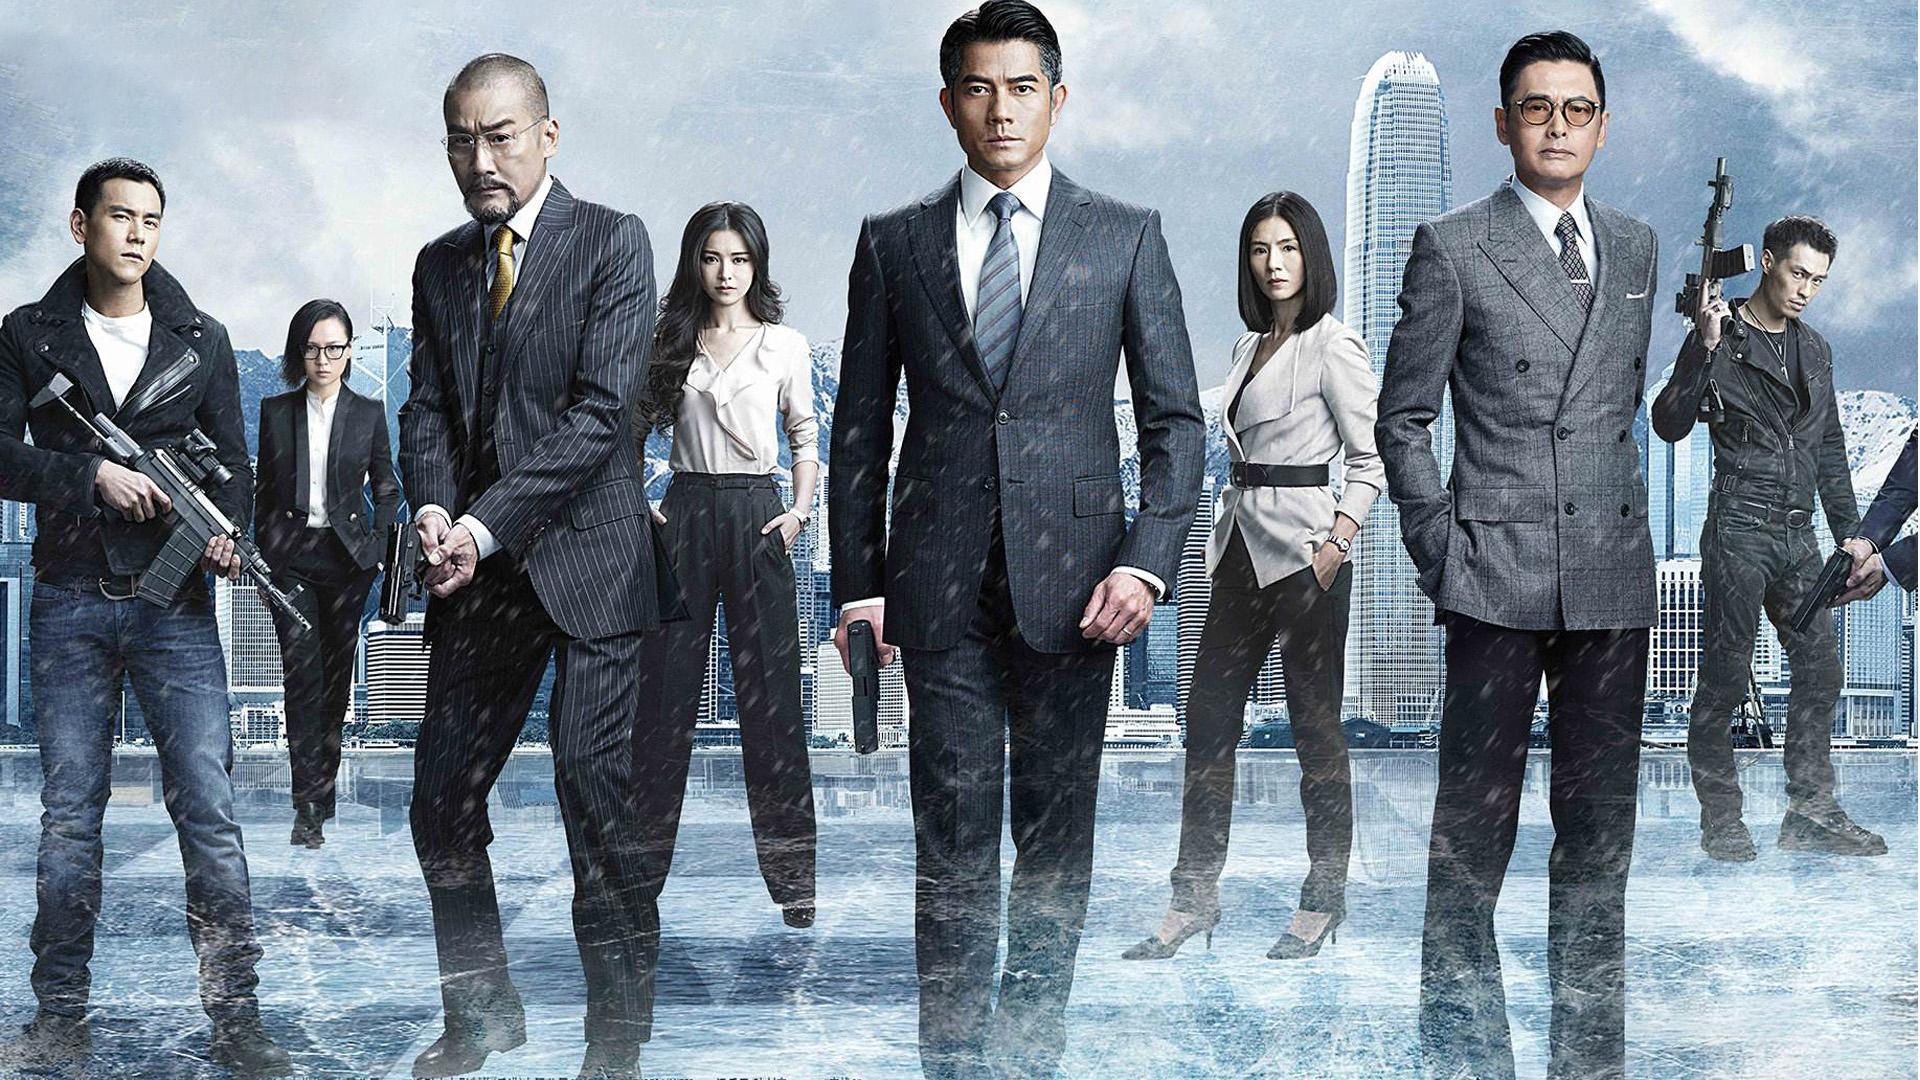 这电影拥有华语警匪片近十年最强阵容,四位影帝级老戏骨同台飙戏